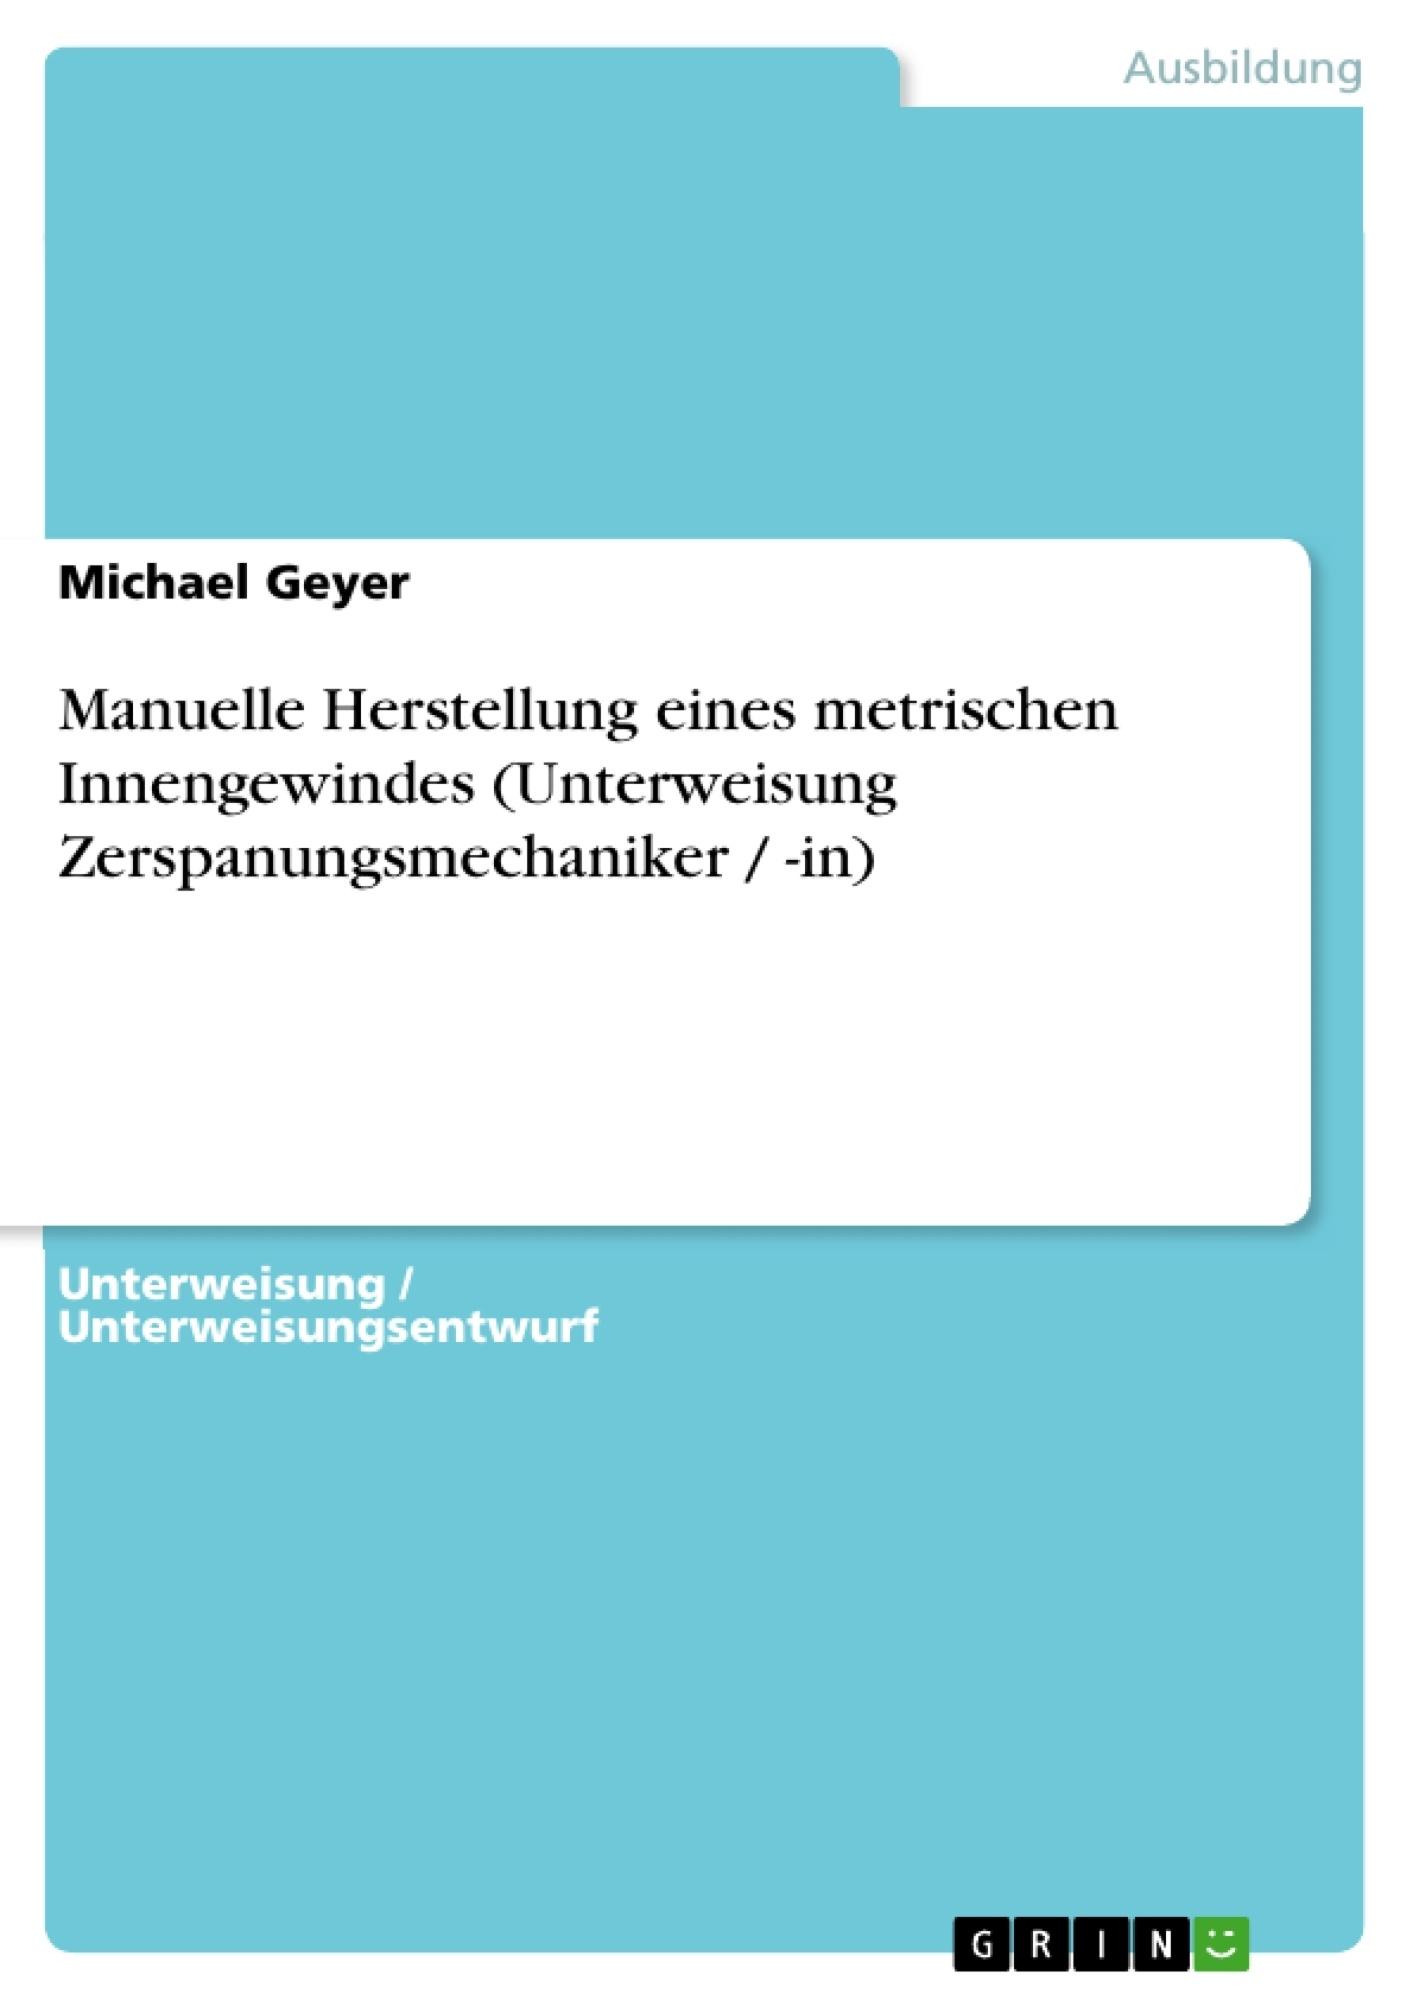 Titel: Manuelle Herstellung eines metrischen Innengewindes (Unterweisung Zerspanungsmechaniker / -in)